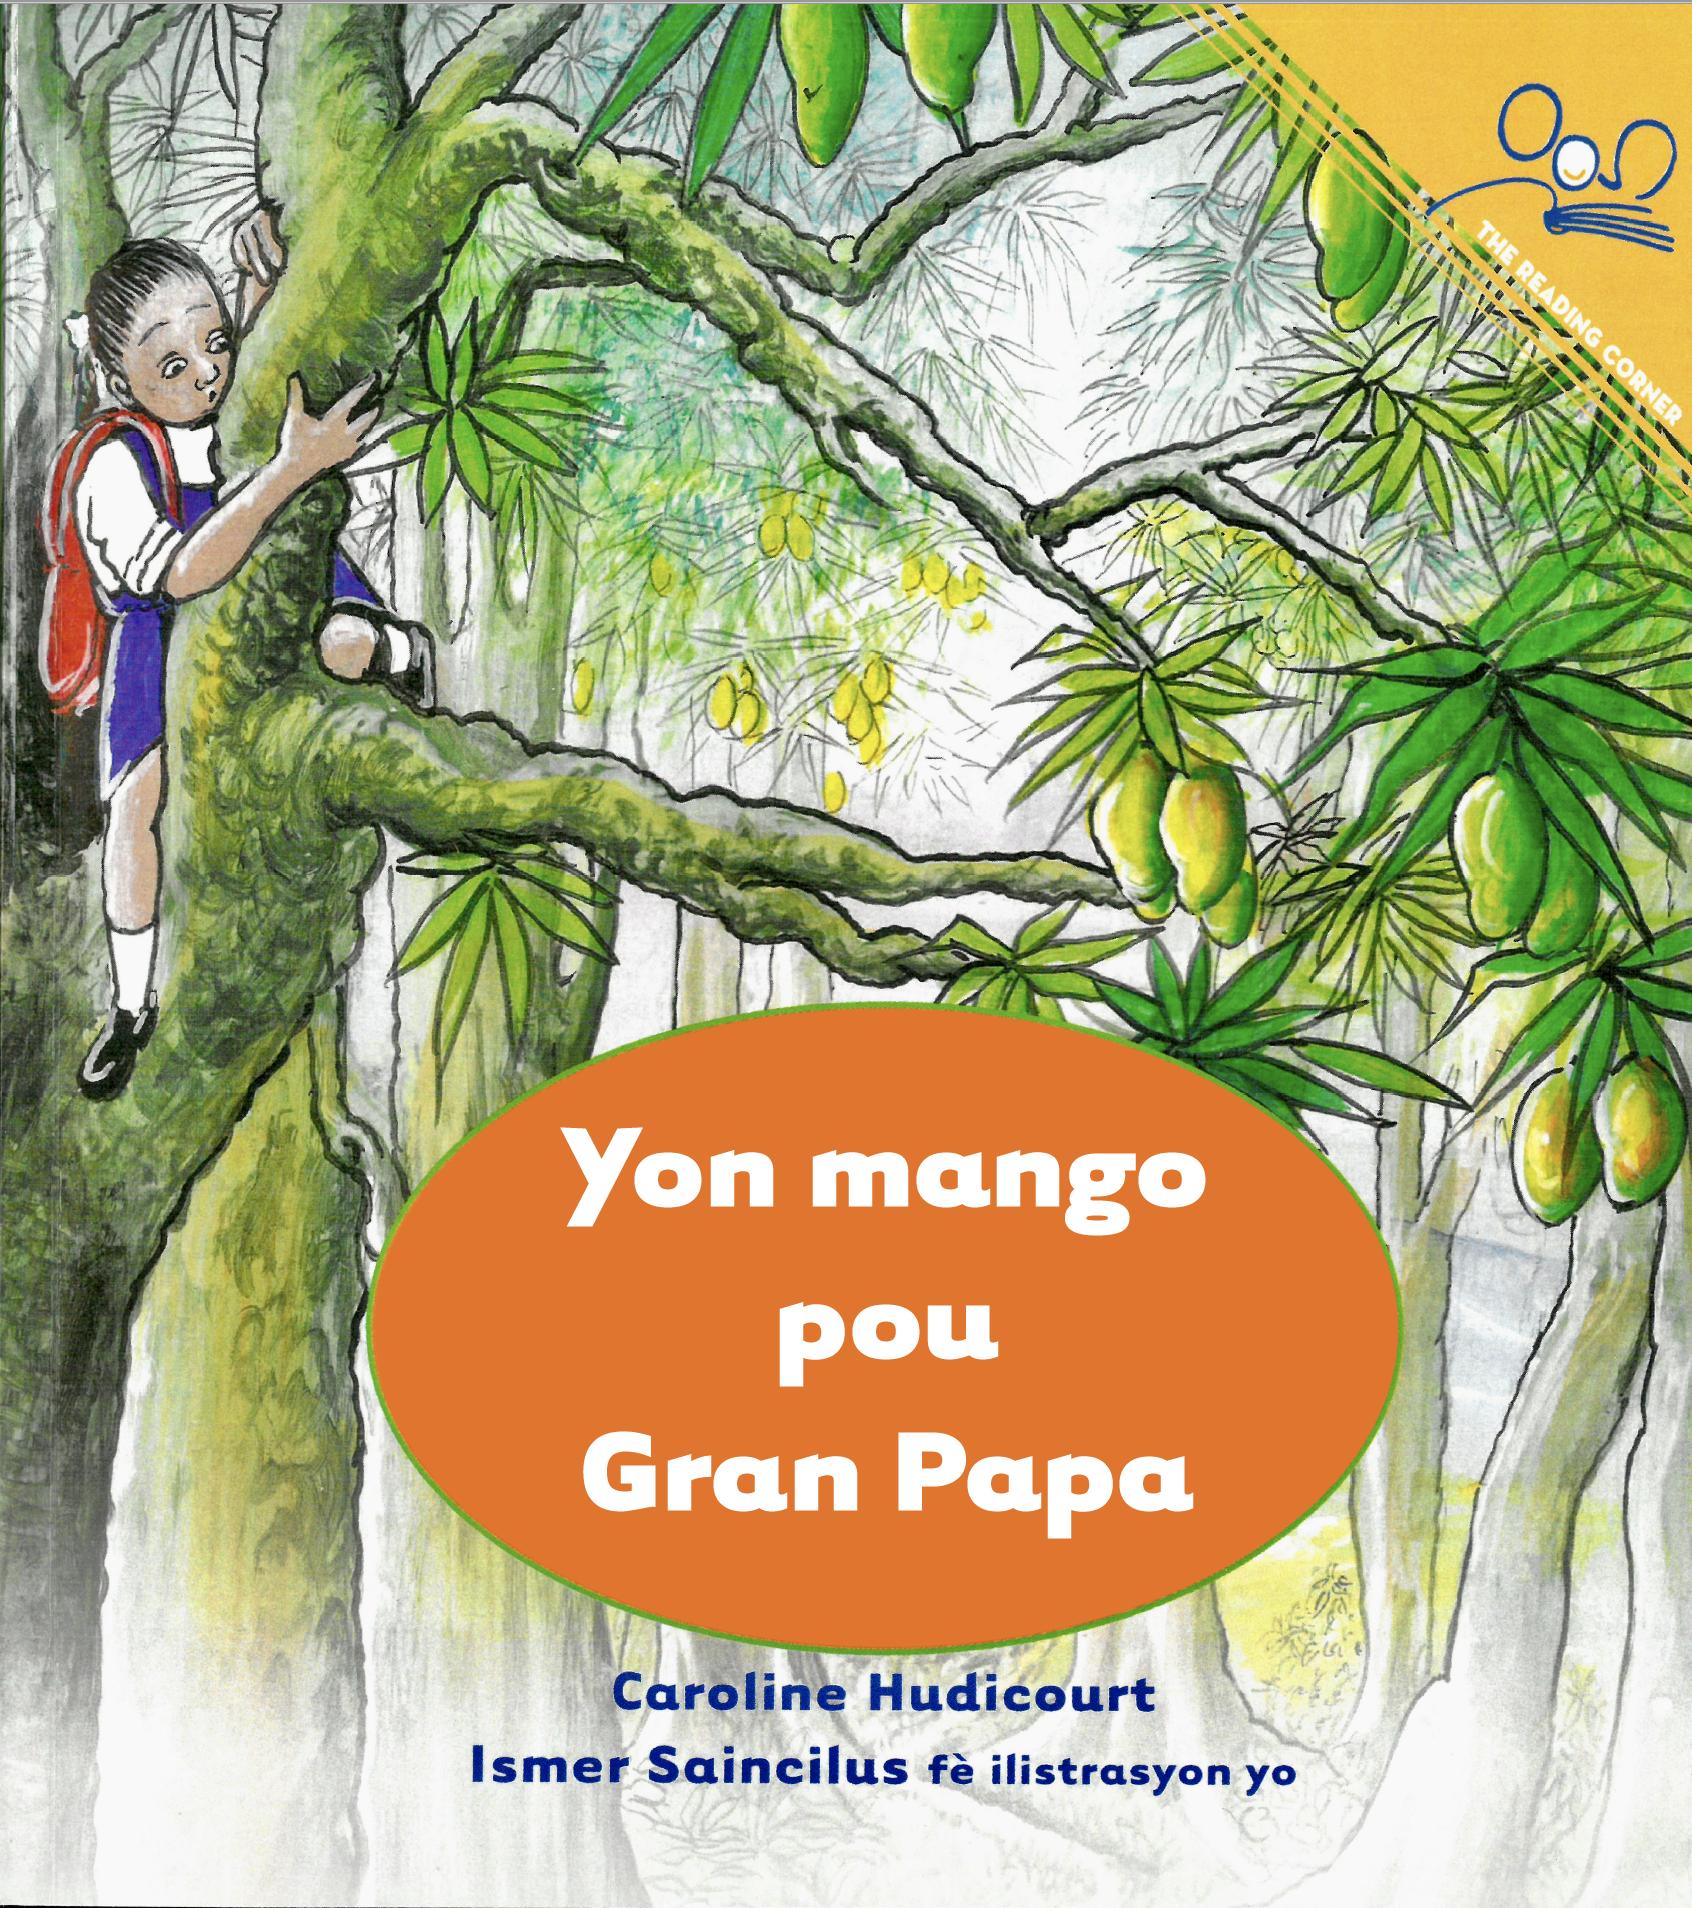 Yon mango pou Gran Papa